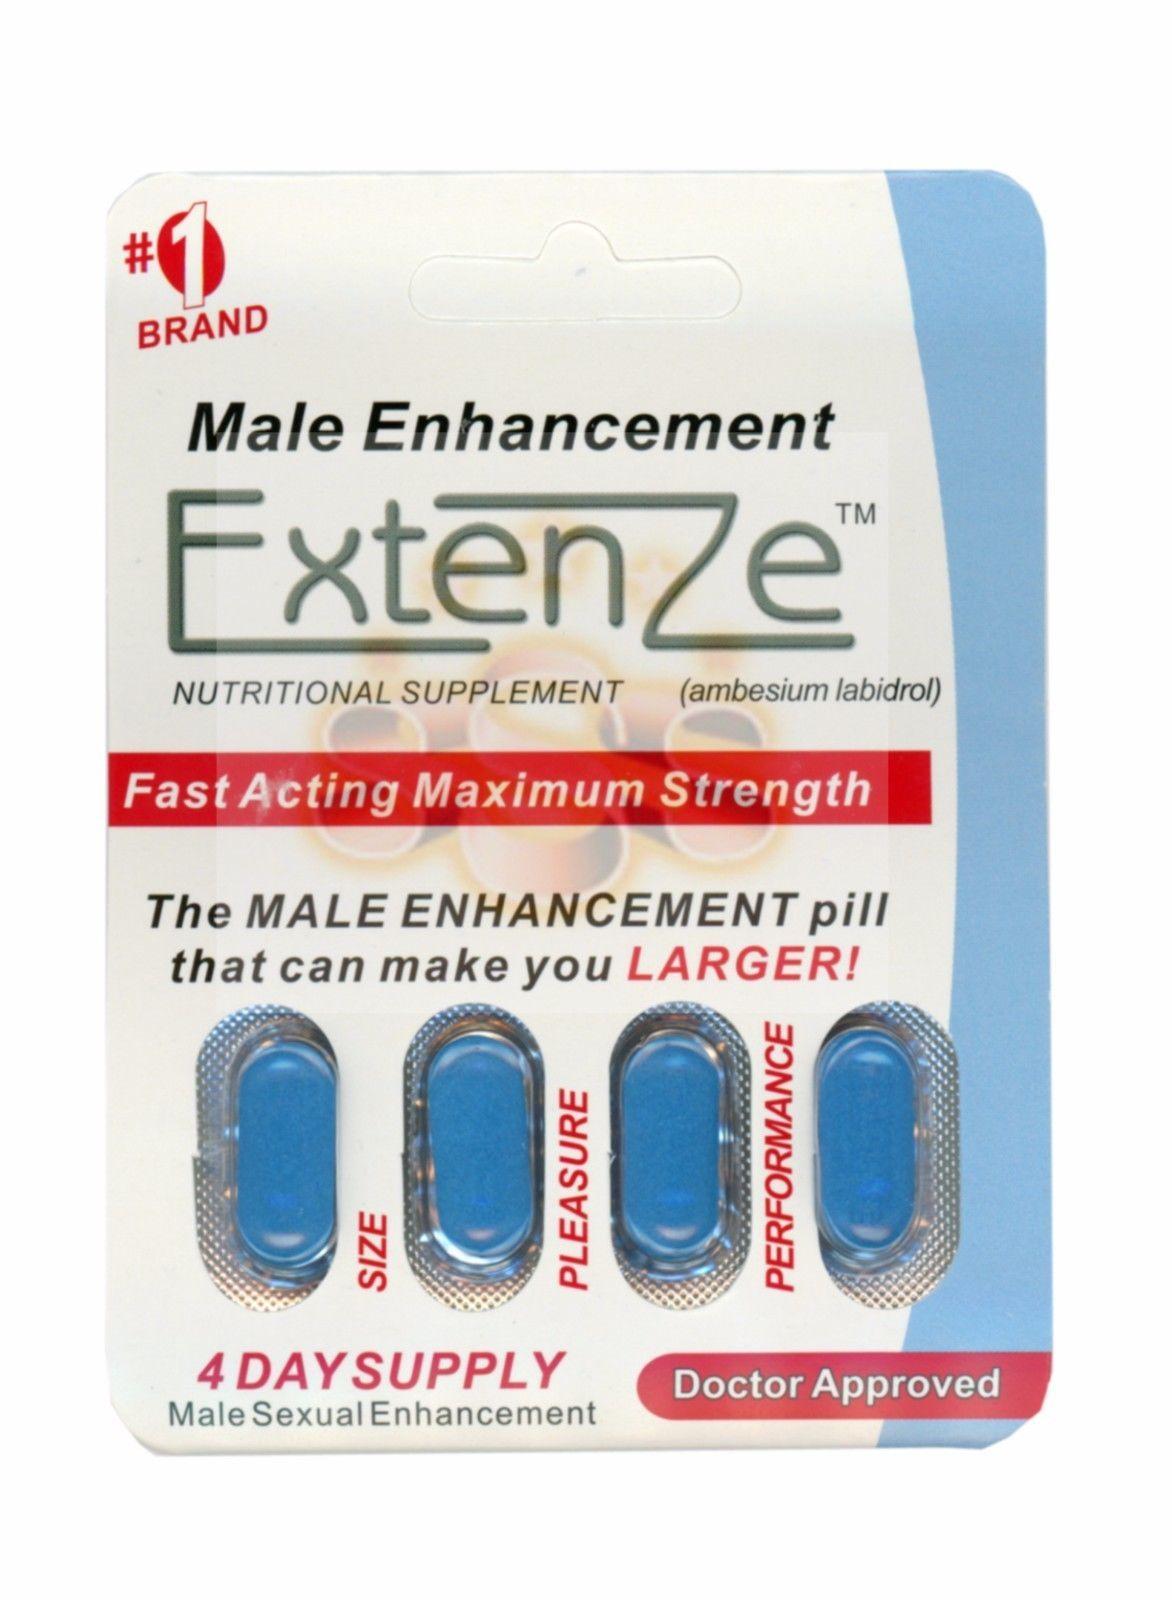 Extenze Plus Male Enhancement Pill 0 Listings